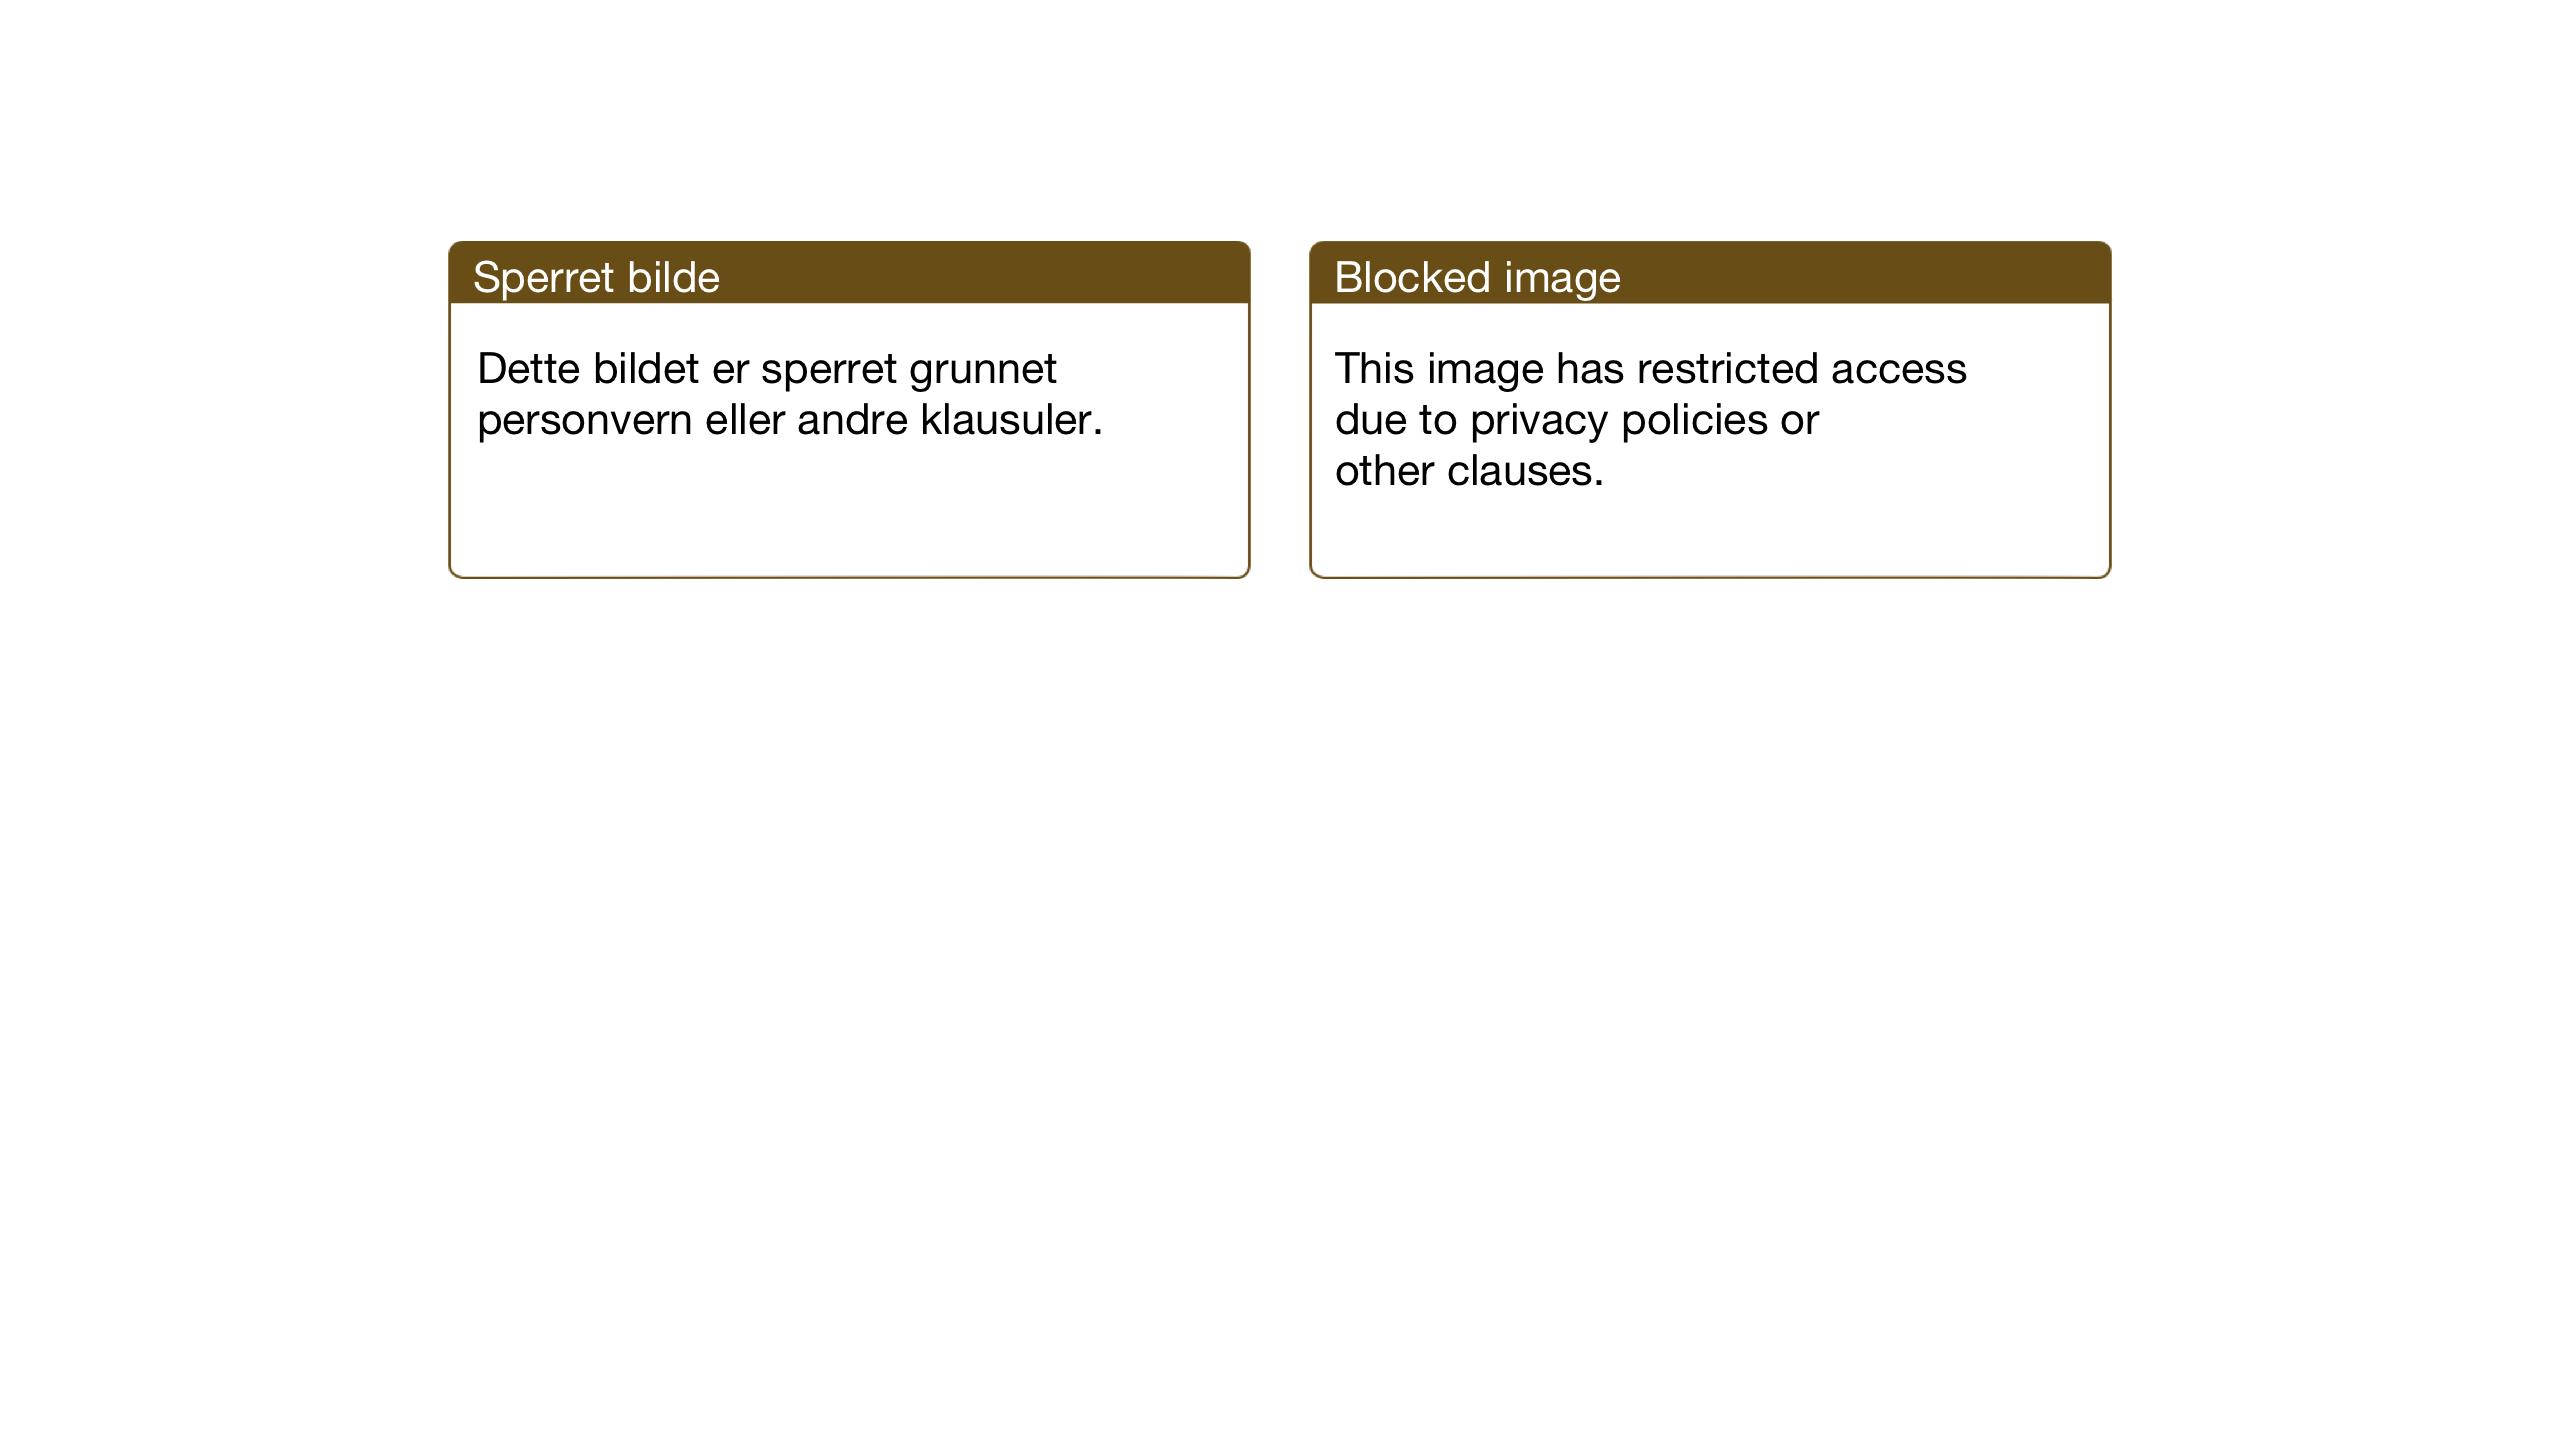 SAT, Ministerialprotokoller, klokkerbøker og fødselsregistre - Sør-Trøndelag, 607/L0328: Klokkerbok nr. 607C02, 1940-1948, s. 86